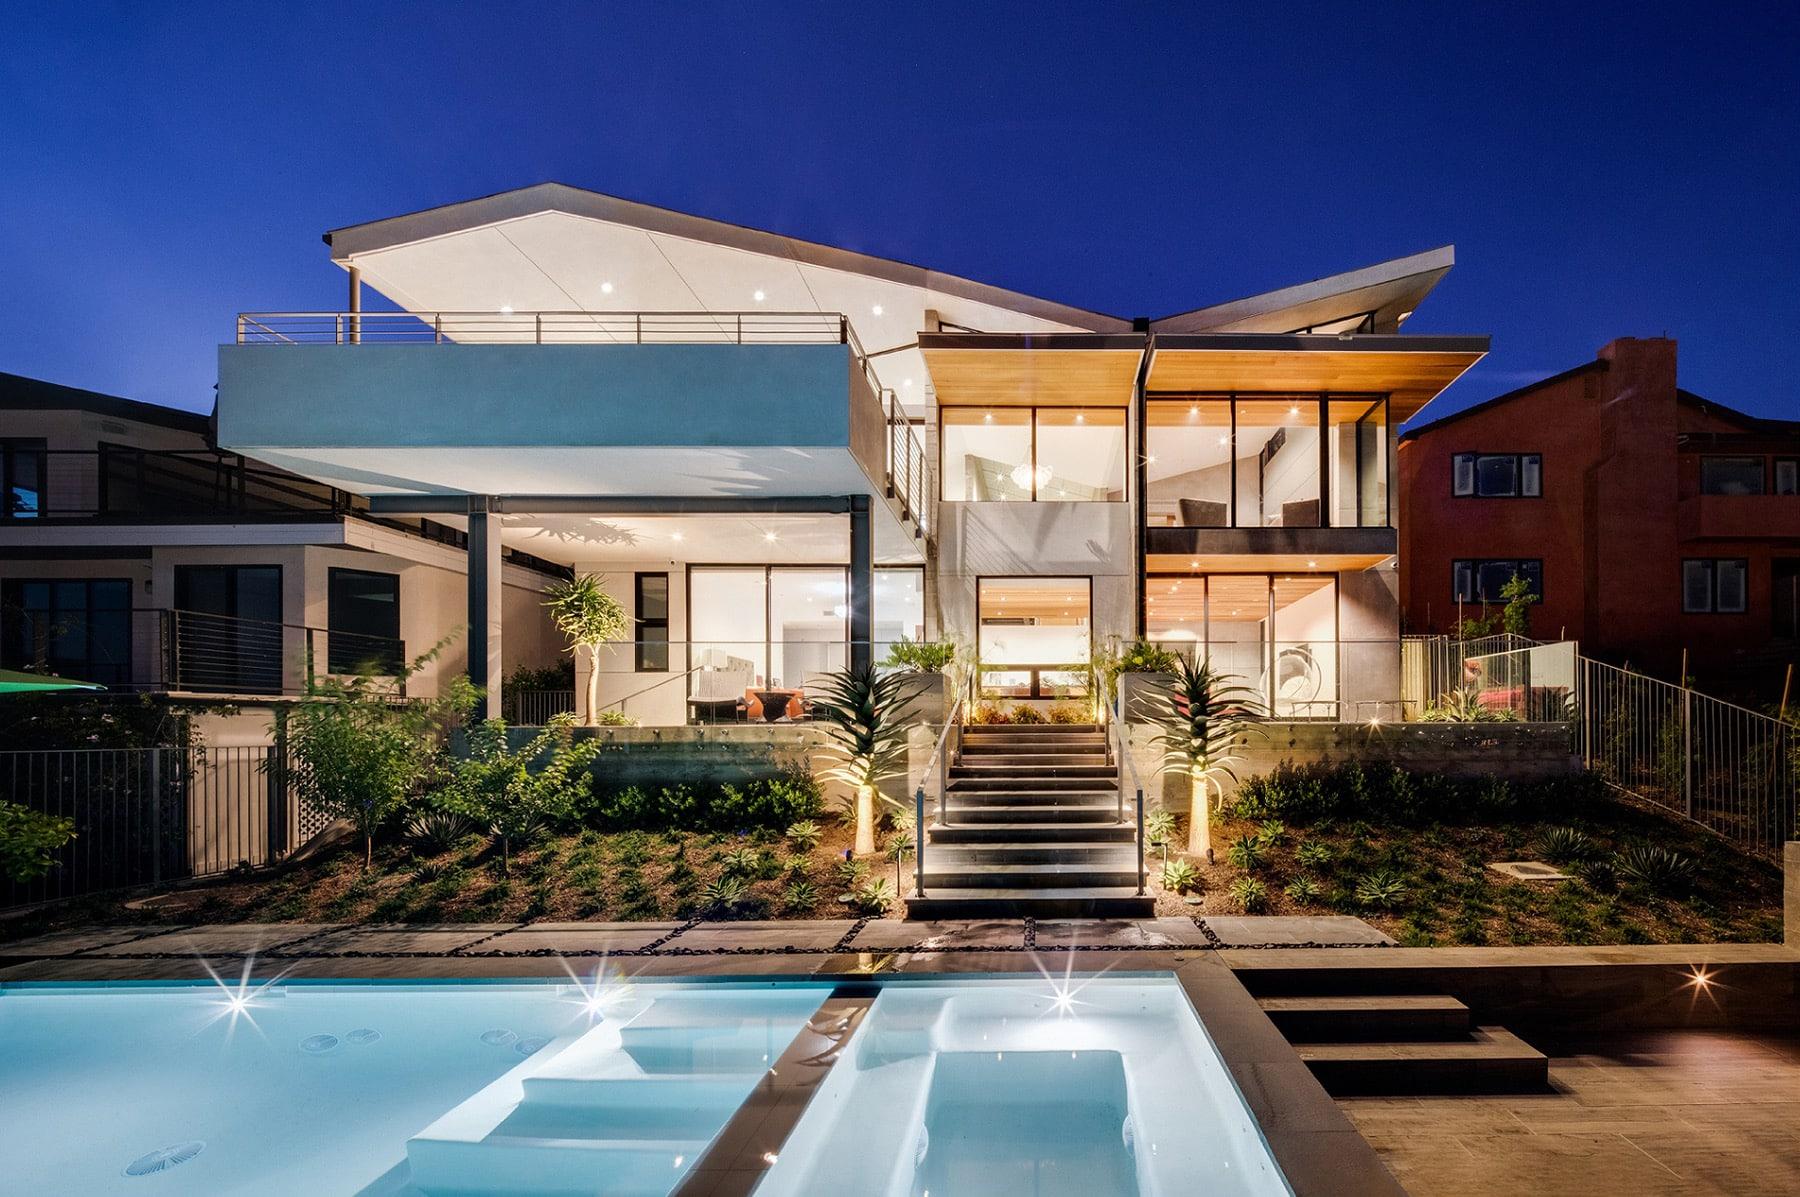 Rumah Modern Terbuka - Thegorbalsla